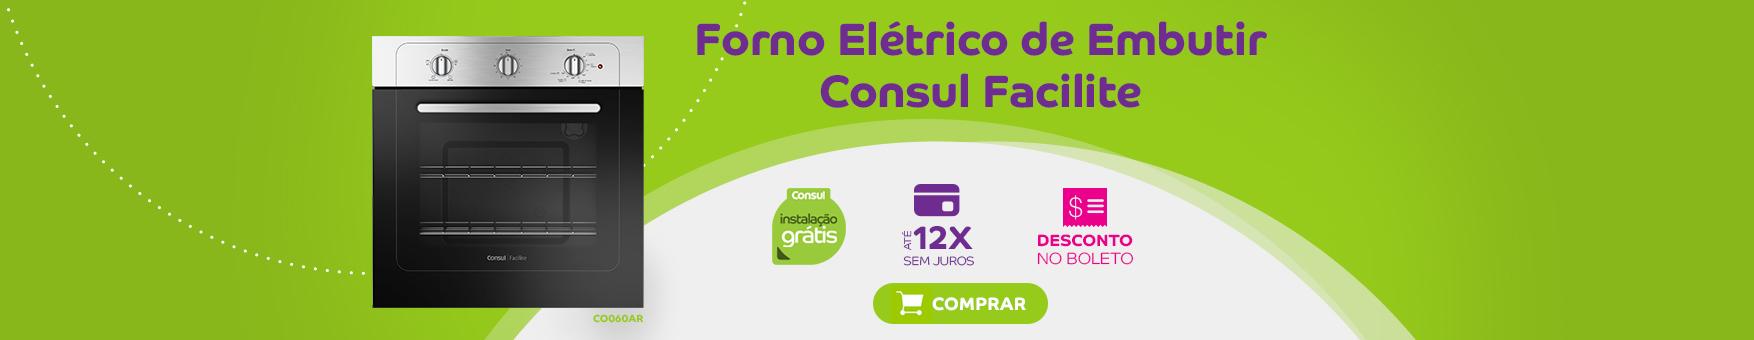 Promoção Interna - 109 - categoria_fornos_home_1071015 - fornos - 5